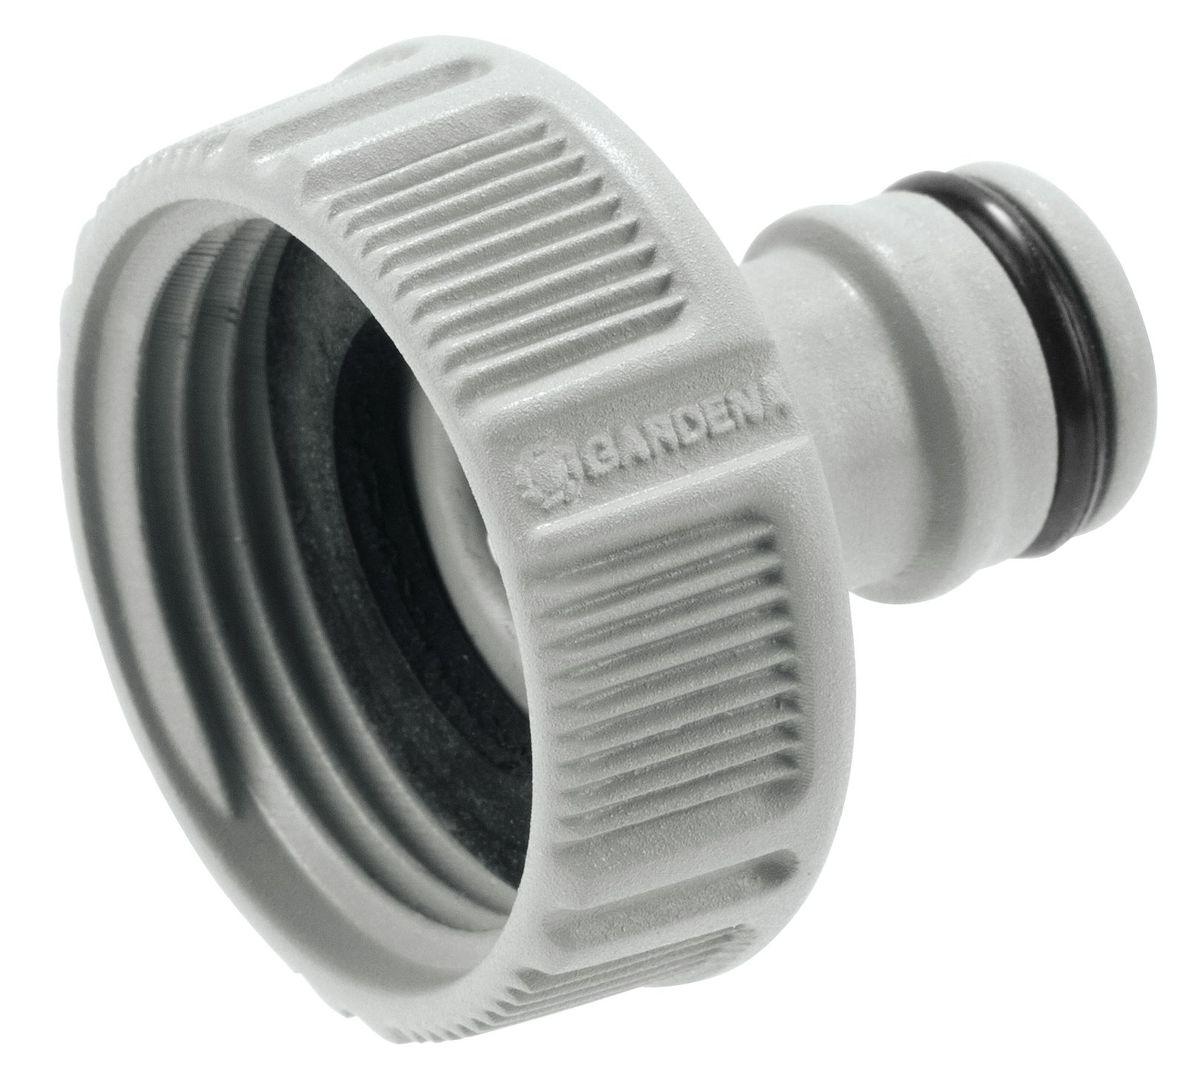 Штуцер резьбовой Gardena, 118202-29.000.00Штуцер резьбовой Gardena позволяет быстро и легко нарастить шланг или подключить необходимый аксессуар. Все соединения герметичны. Легко устанавливается и не требует использования инструментов. Для кранов диаметром 26,5 мм (G 3/4) с резьбой 33,3 мм ( G 1).